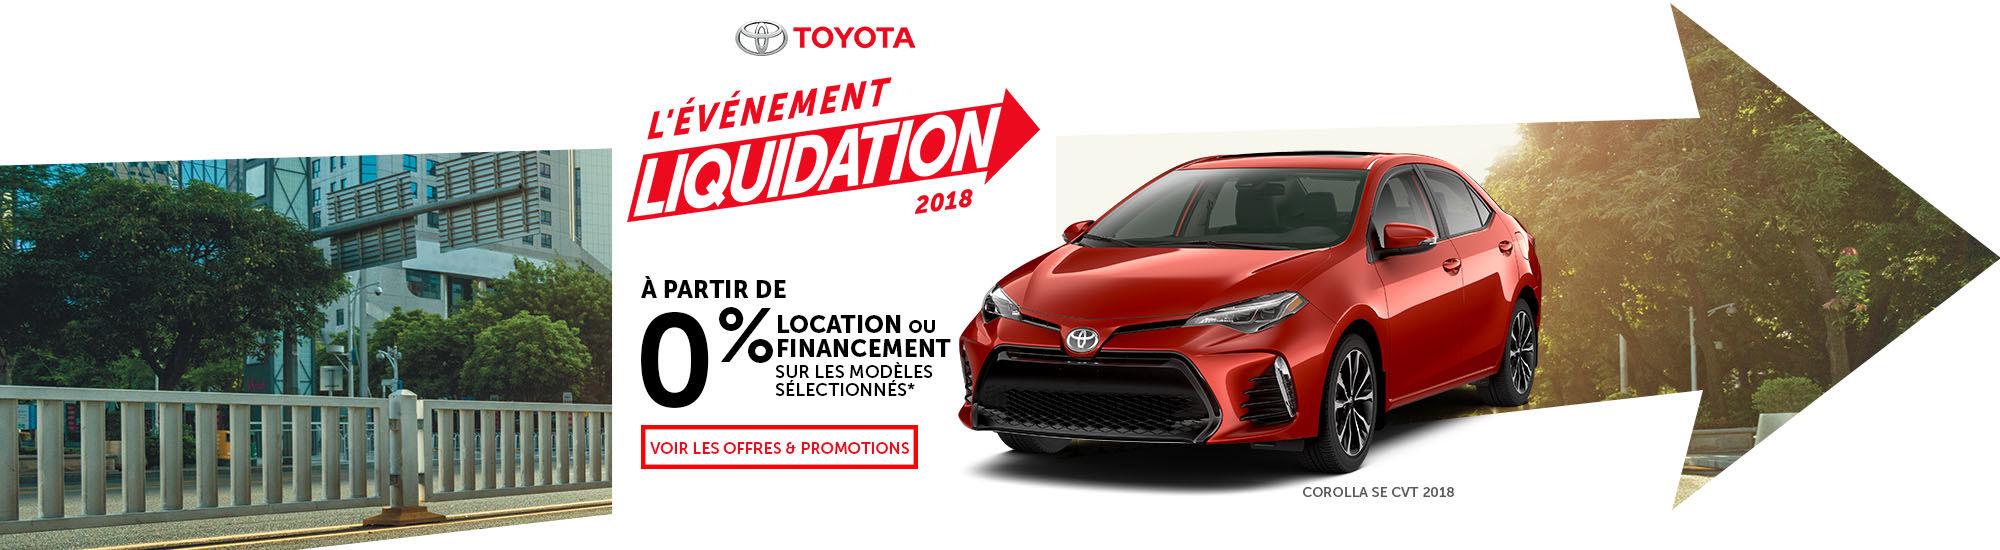 Toyota l'événement liquidationt 2018